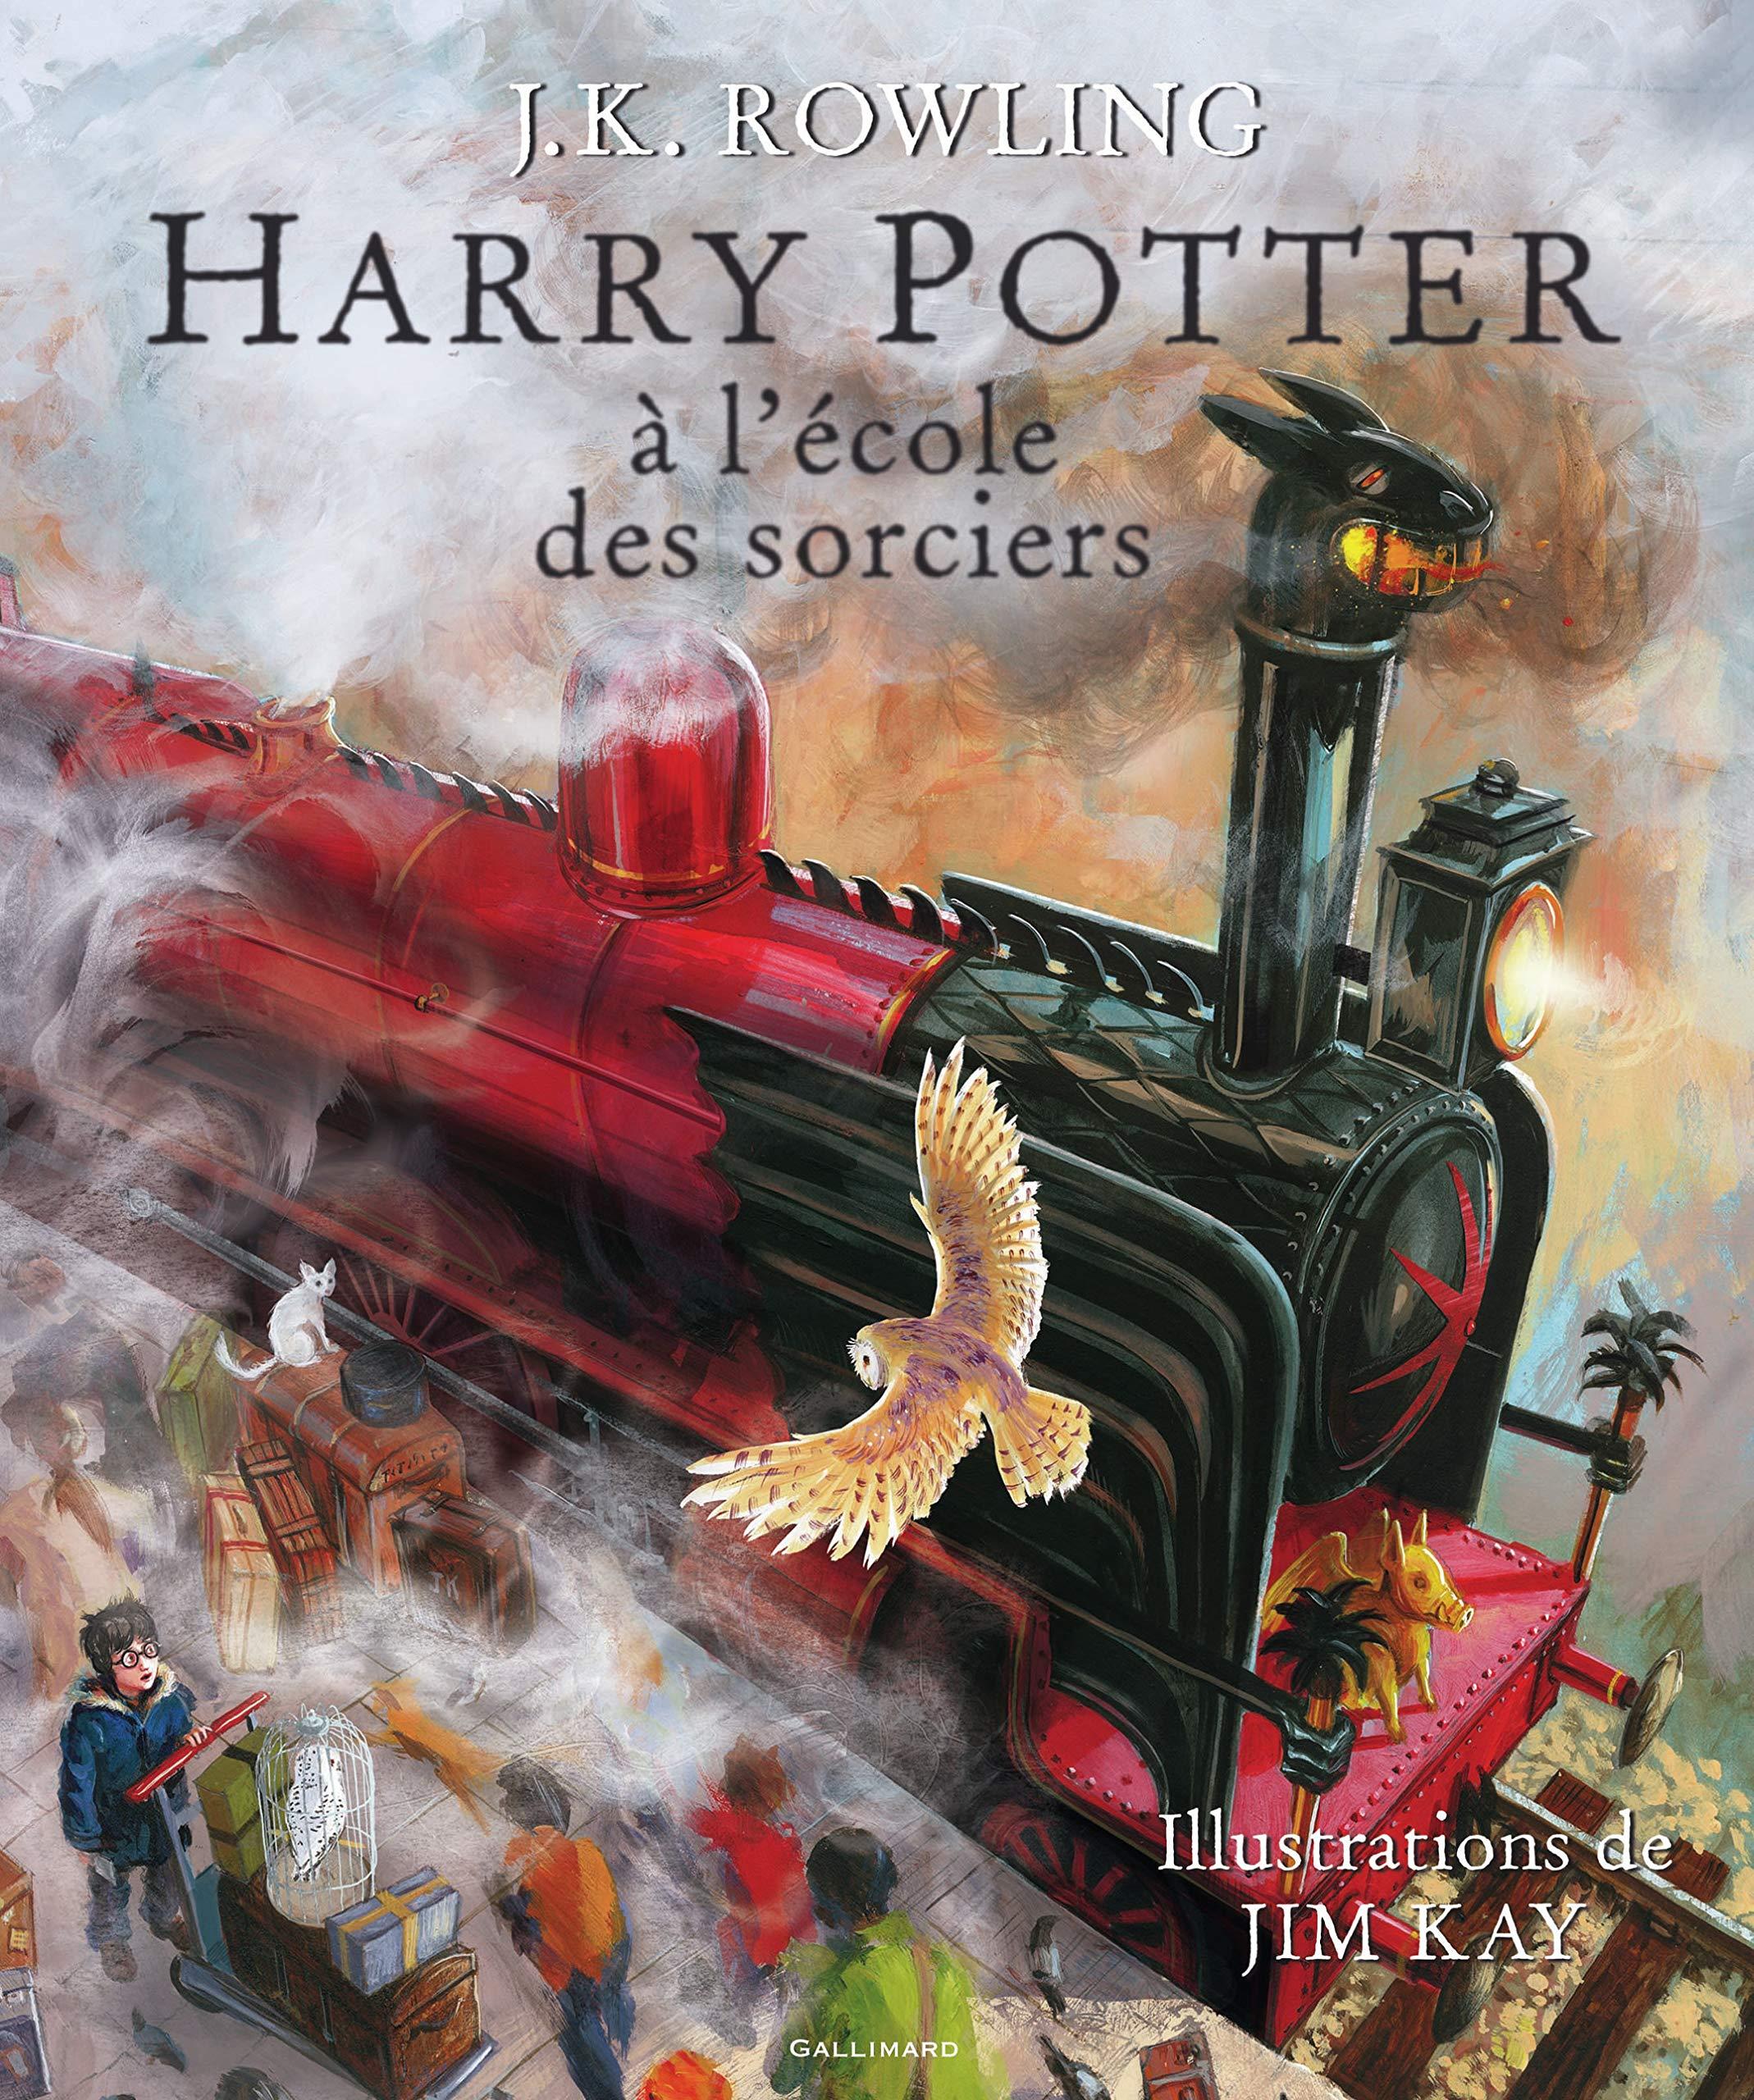 Amazon.fr - Harry Potter à l'école des sorciers - Beau-livre collector -  Rowling, J.K., Kay, Jim, Ménard, Jean-François - Livres